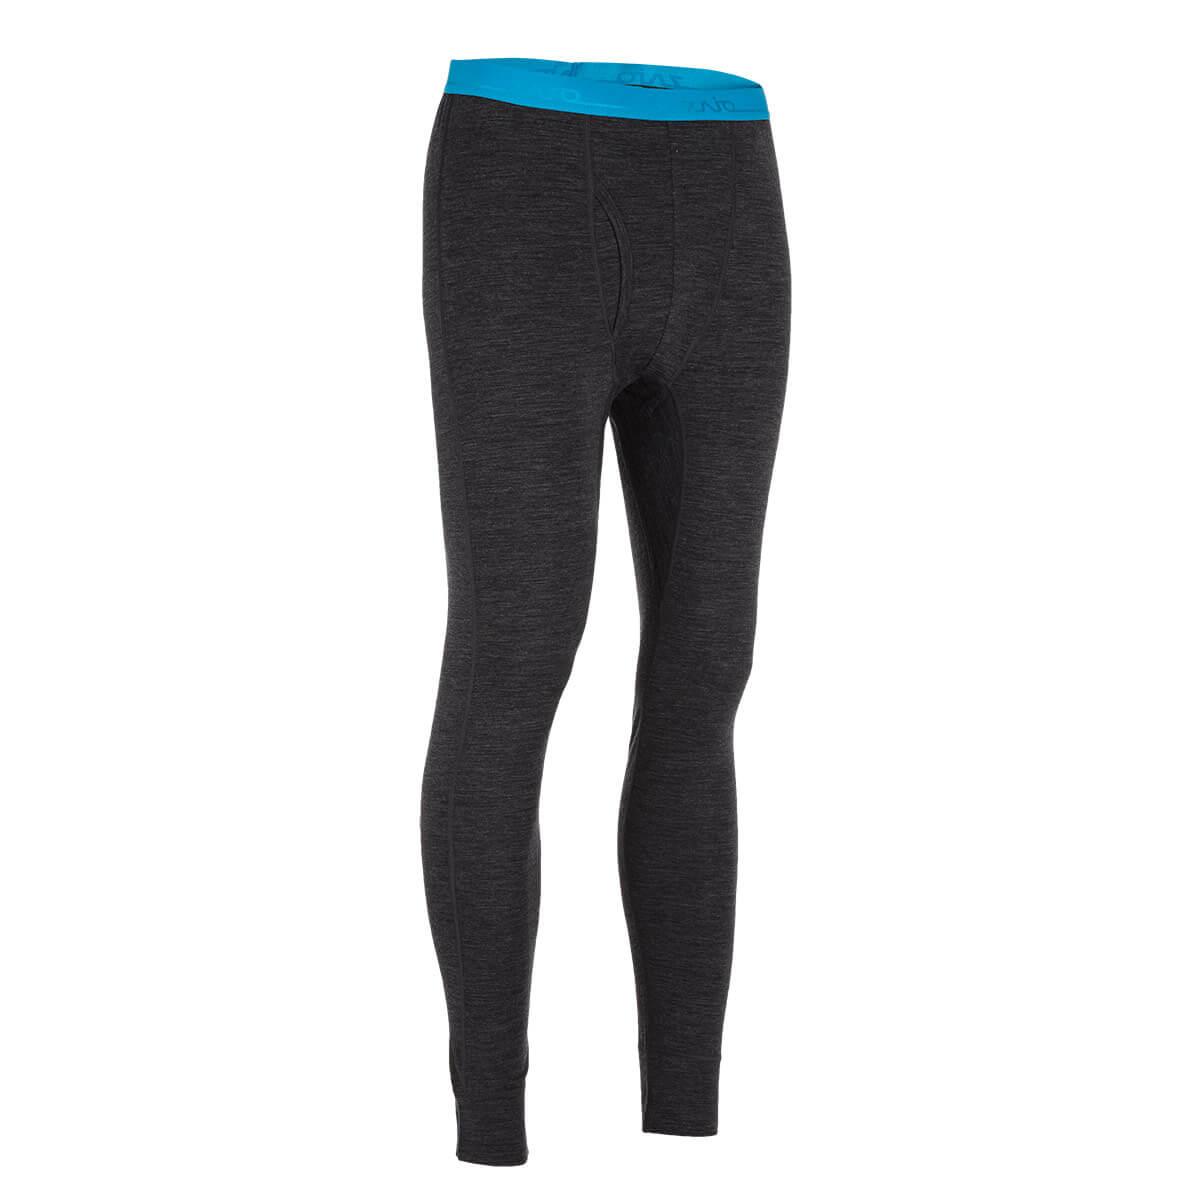 Pánske spodné prádlo Zajo Bjorn Merino Nylon Pants Black - veľkosť M